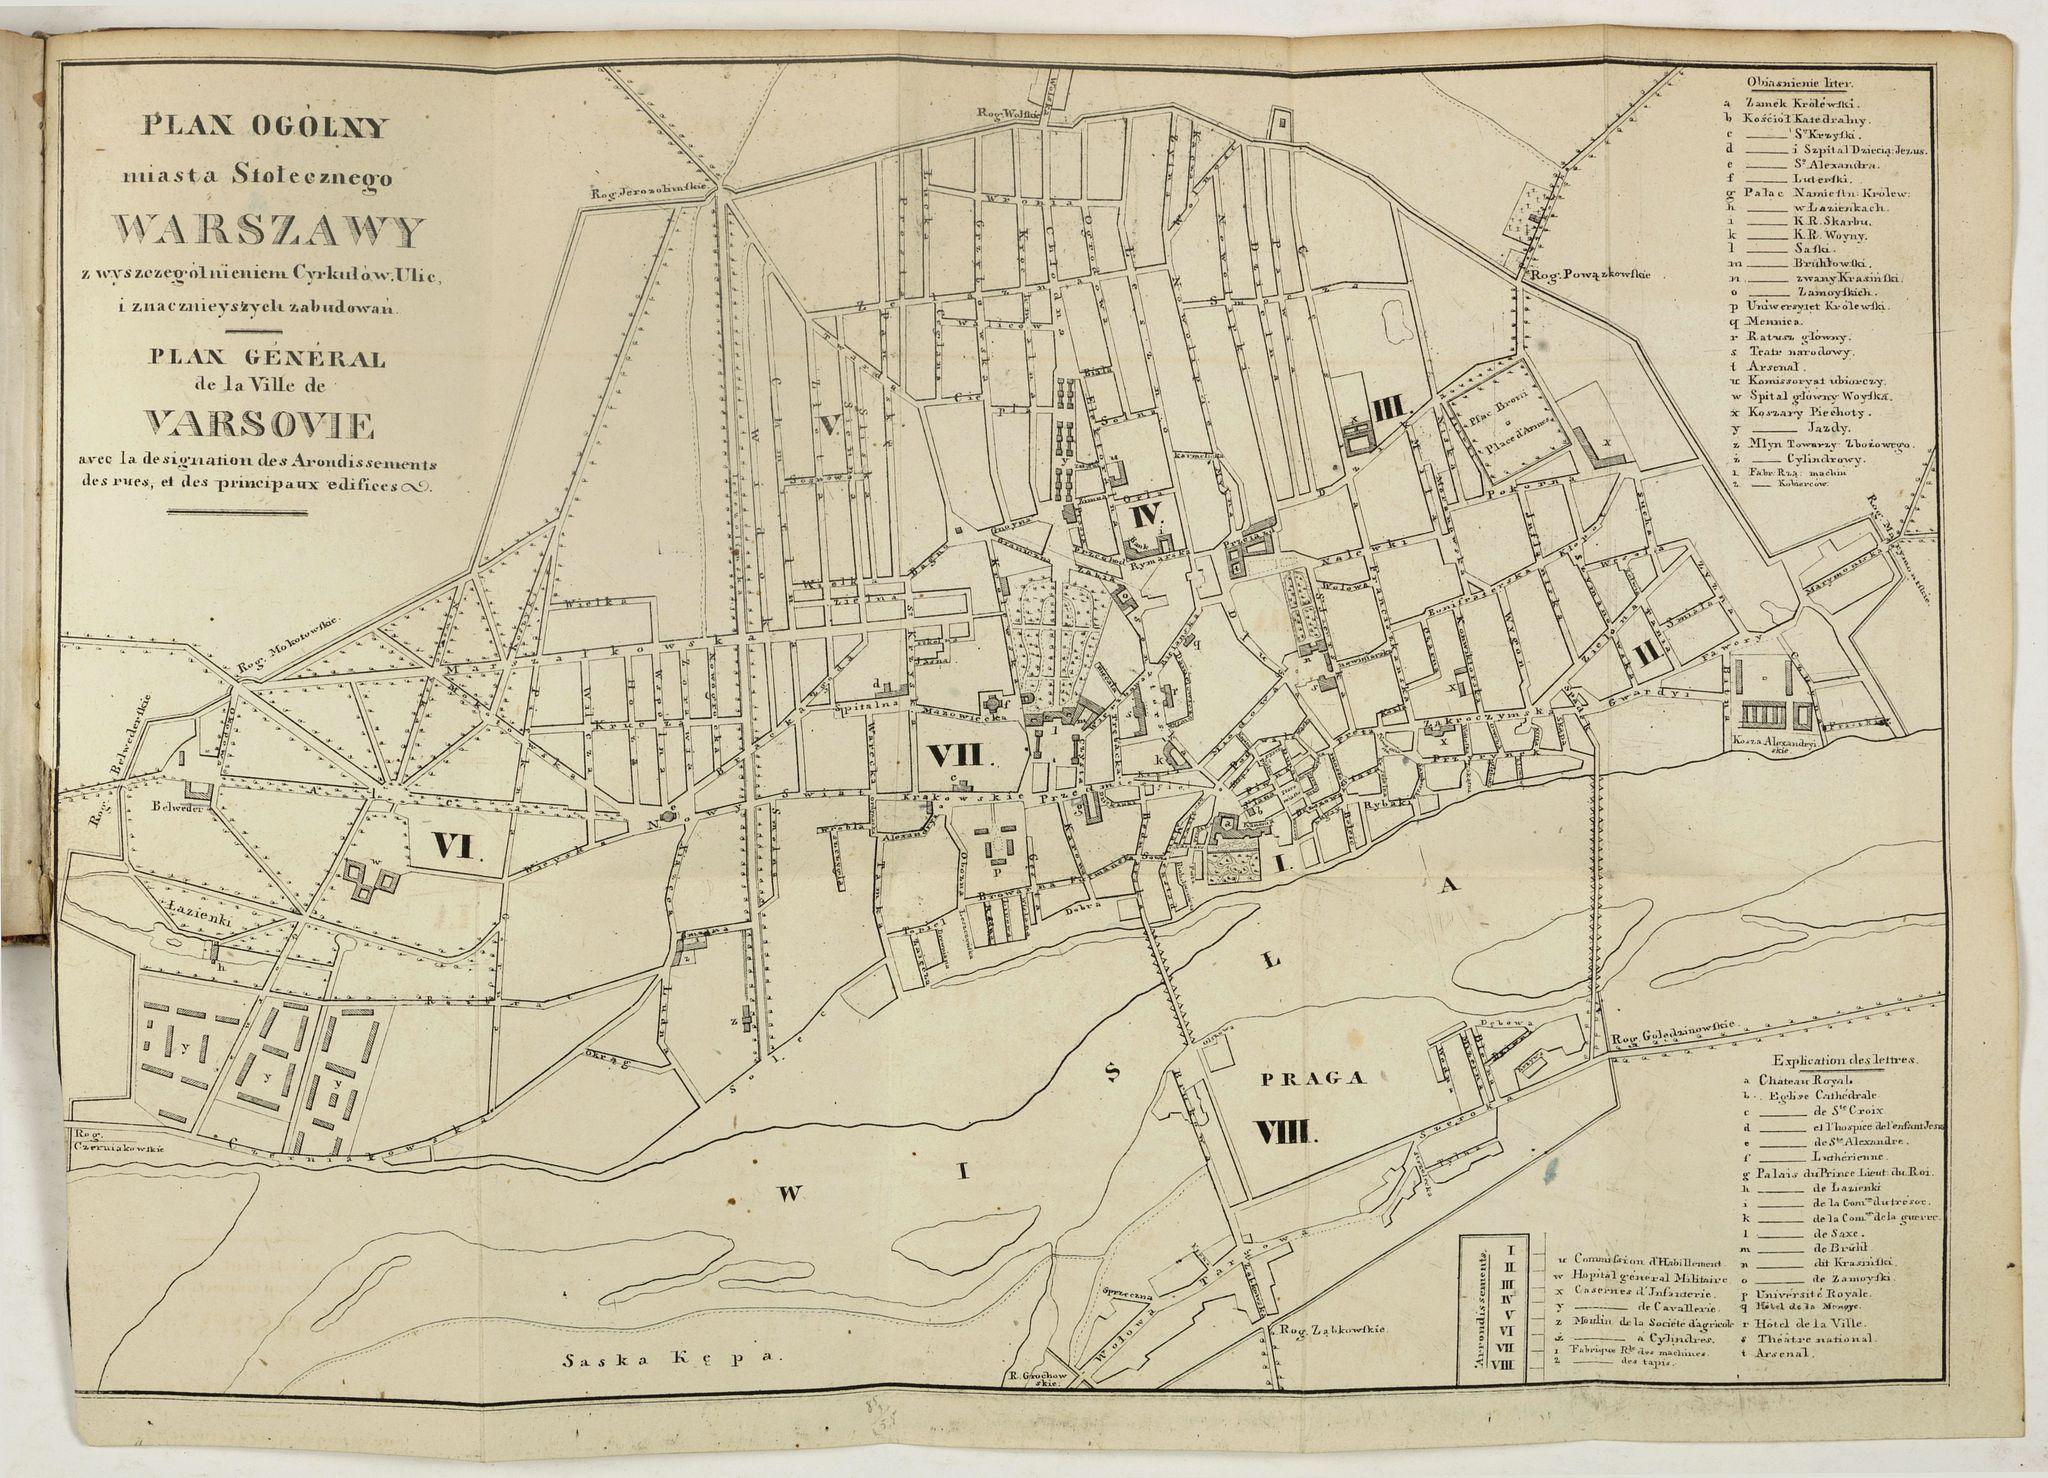 GLÜCKSBERG, J. -  Plan I Obraz Warszawy. Plan et Panorama de Varsovie.